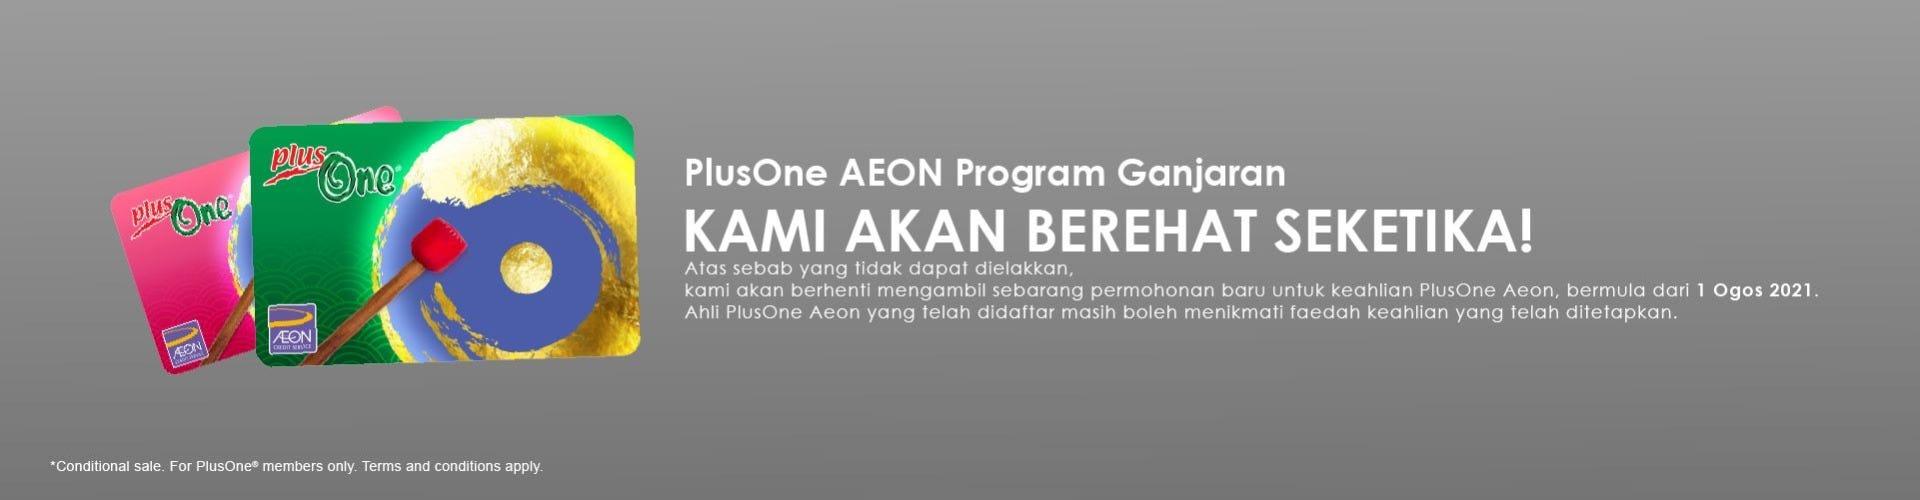 PlusOne Aeon